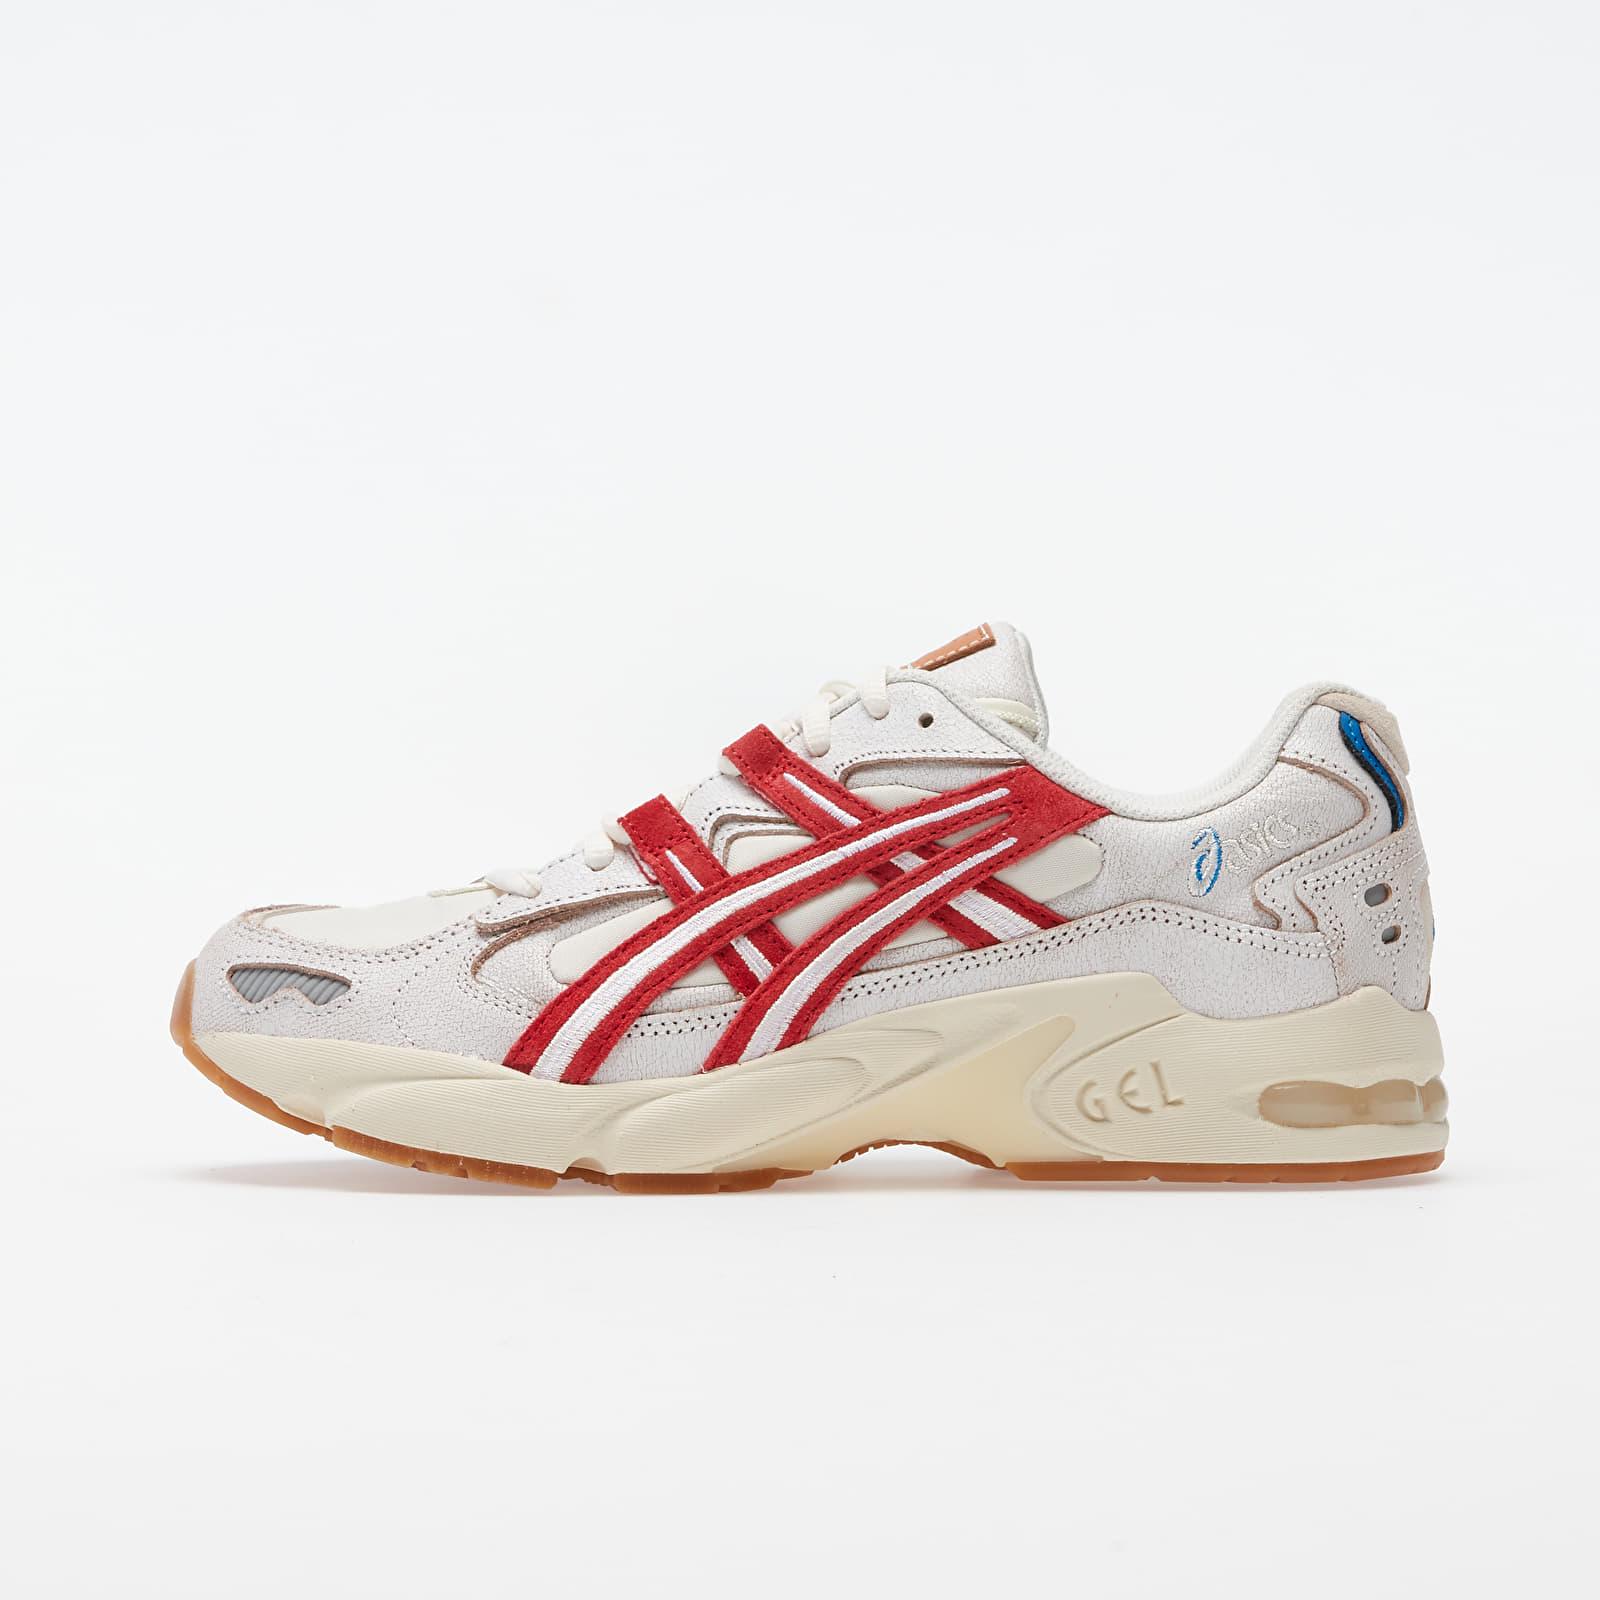 Men's shoes Asics Gel Kayano 5 OG Cream/ Classic Red